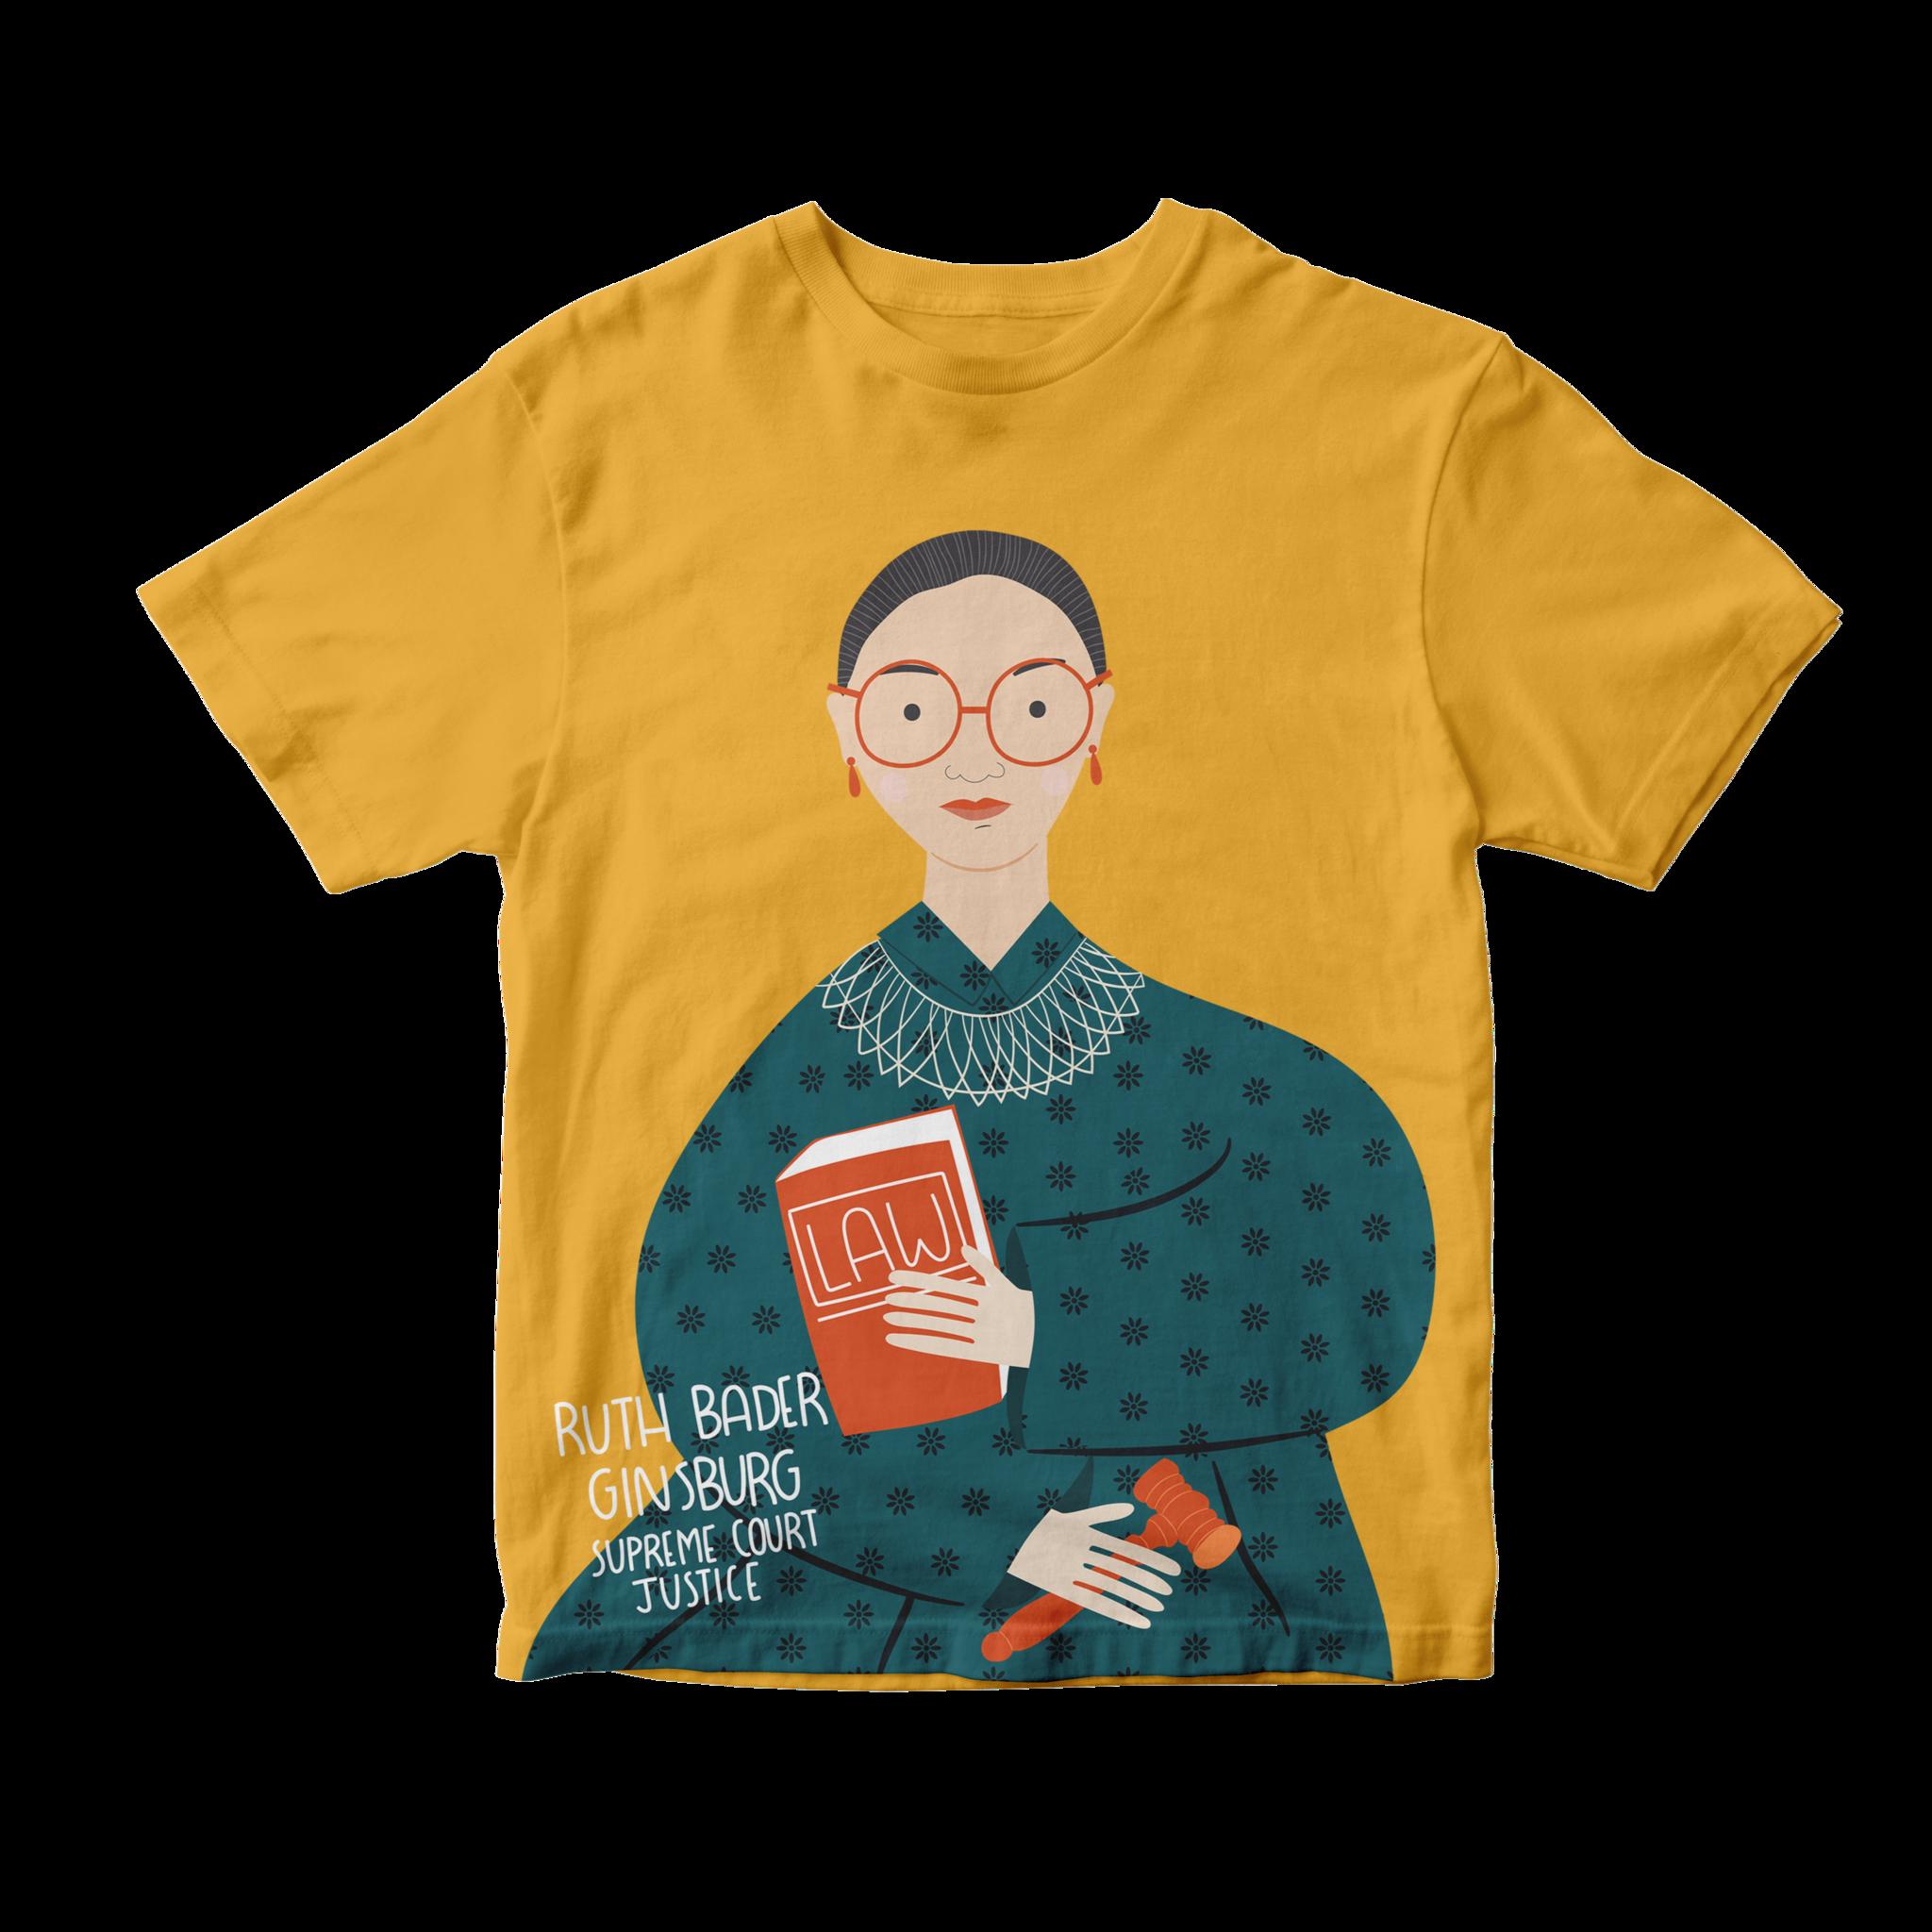 Piccolina Piccolina | Ruth Bader Ginsburg Short Sleeve Tee